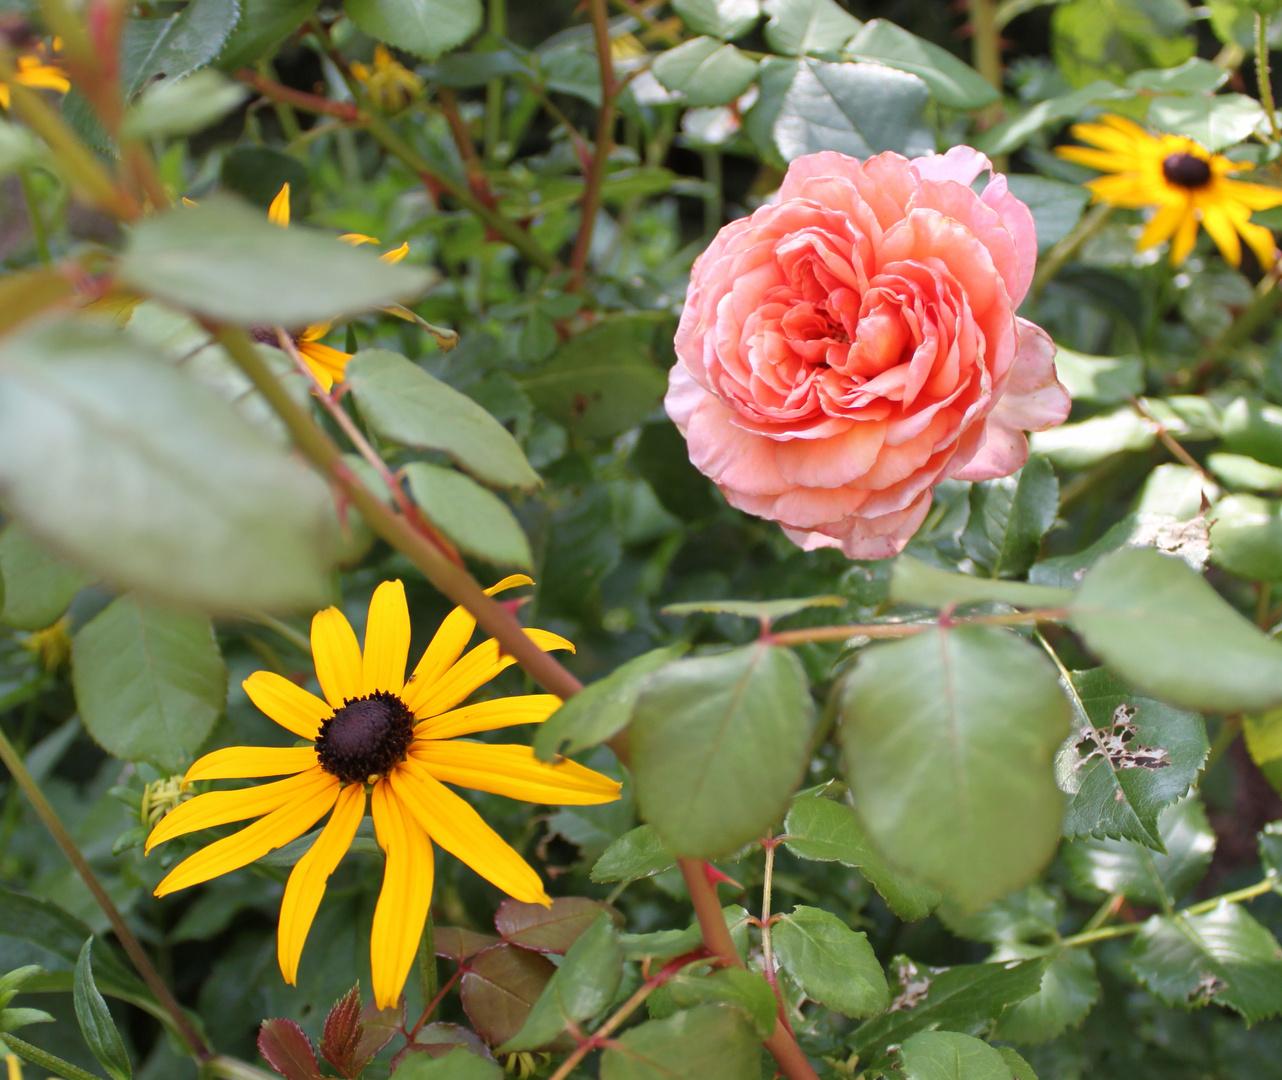 Rose mit Sonennhut